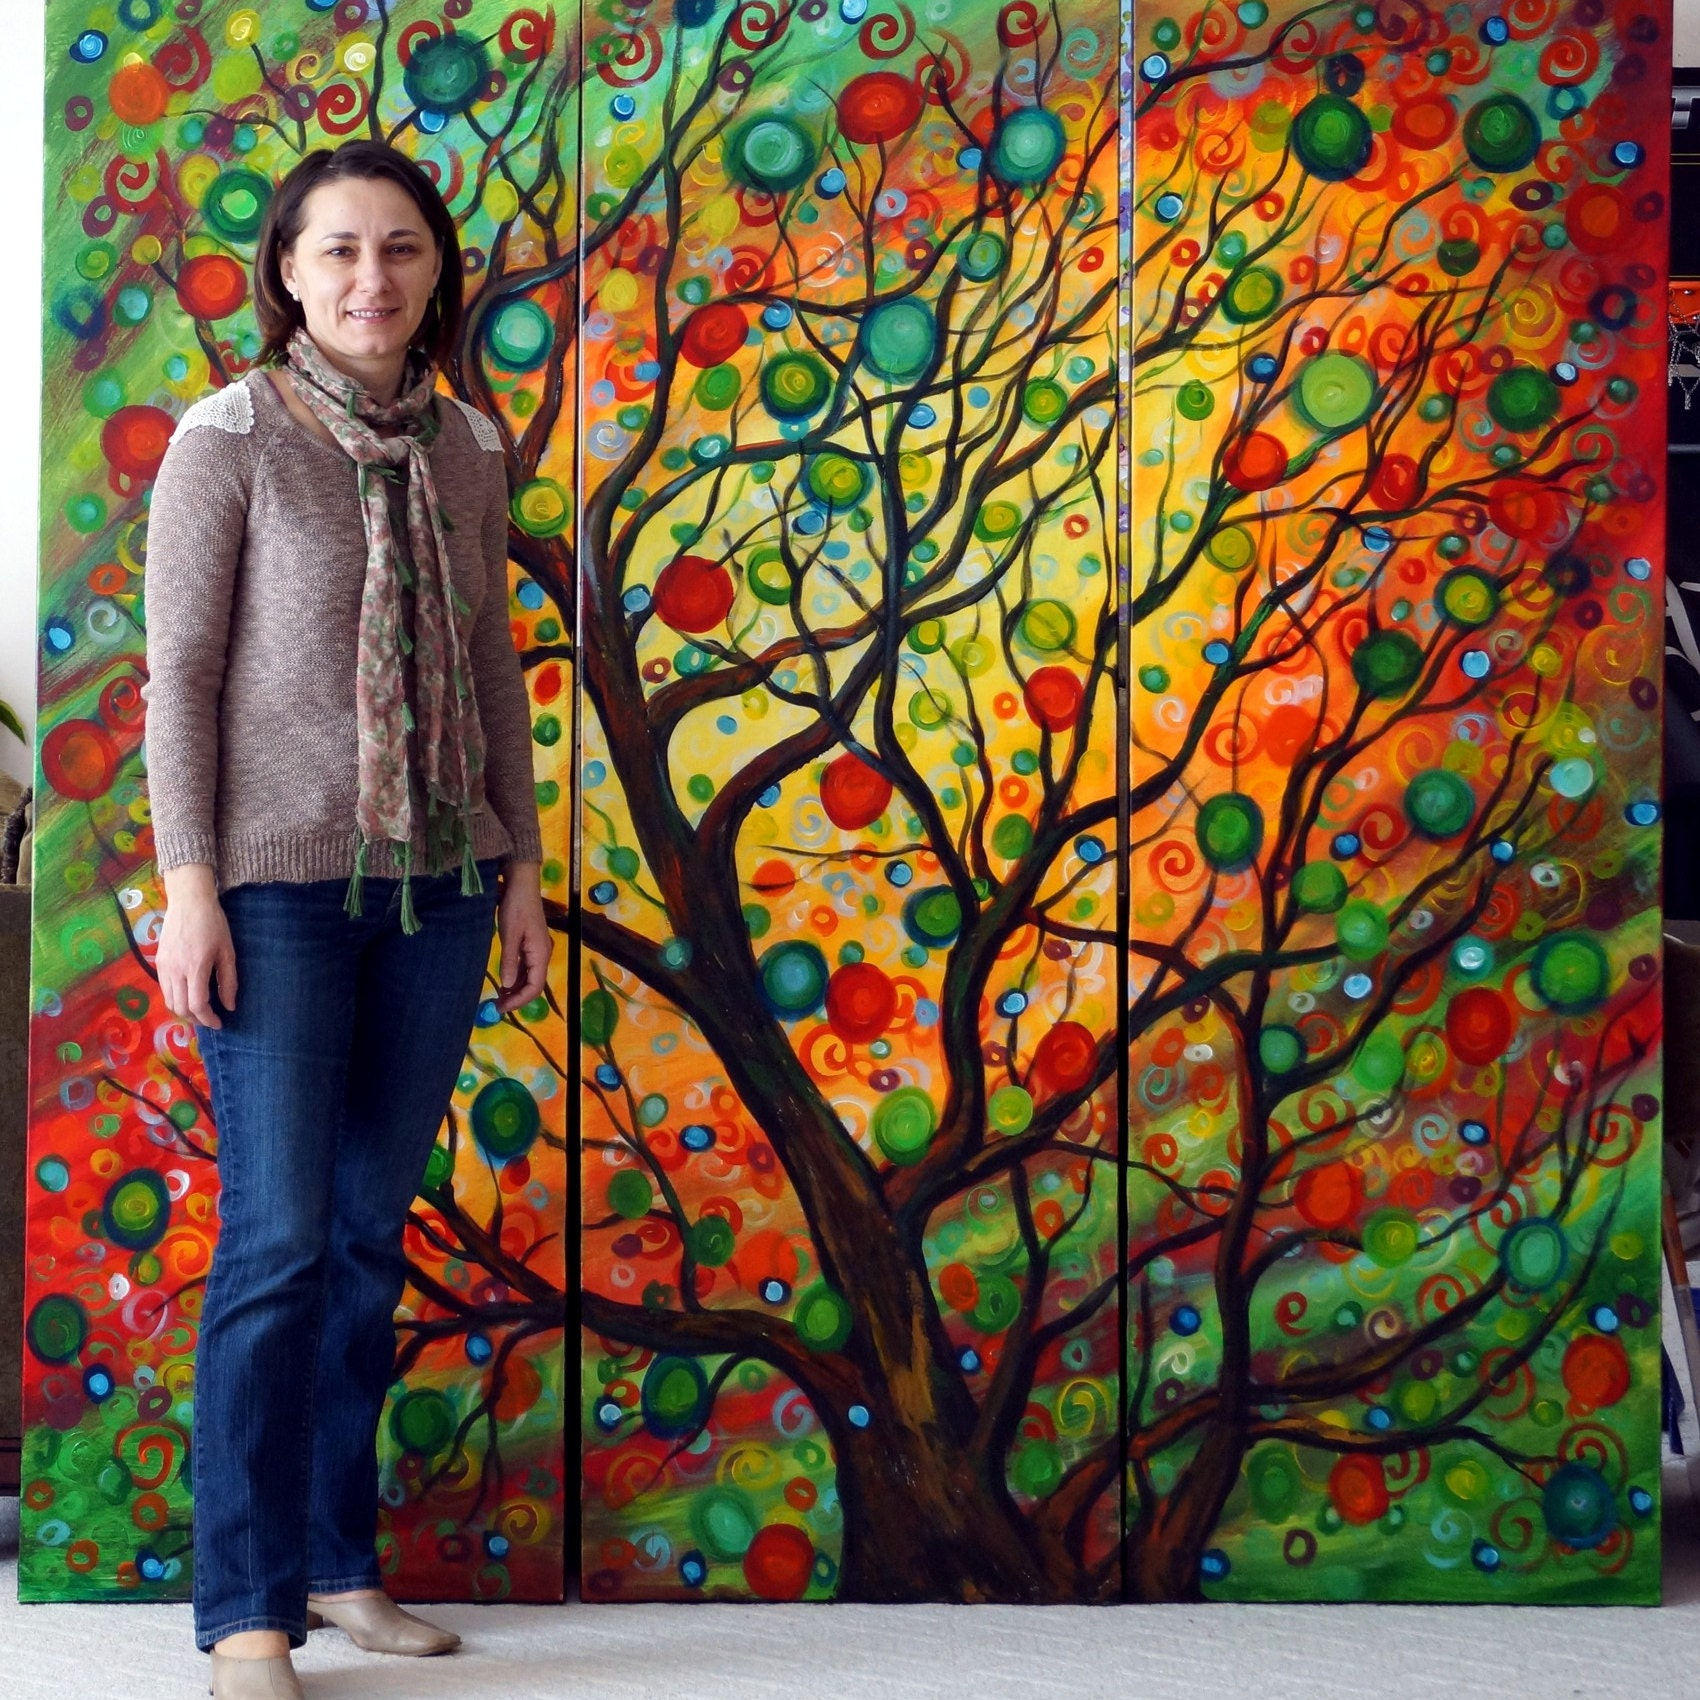 HOLIDAY Sales Original Paintings By LUIZAVIZOLI On Etsy